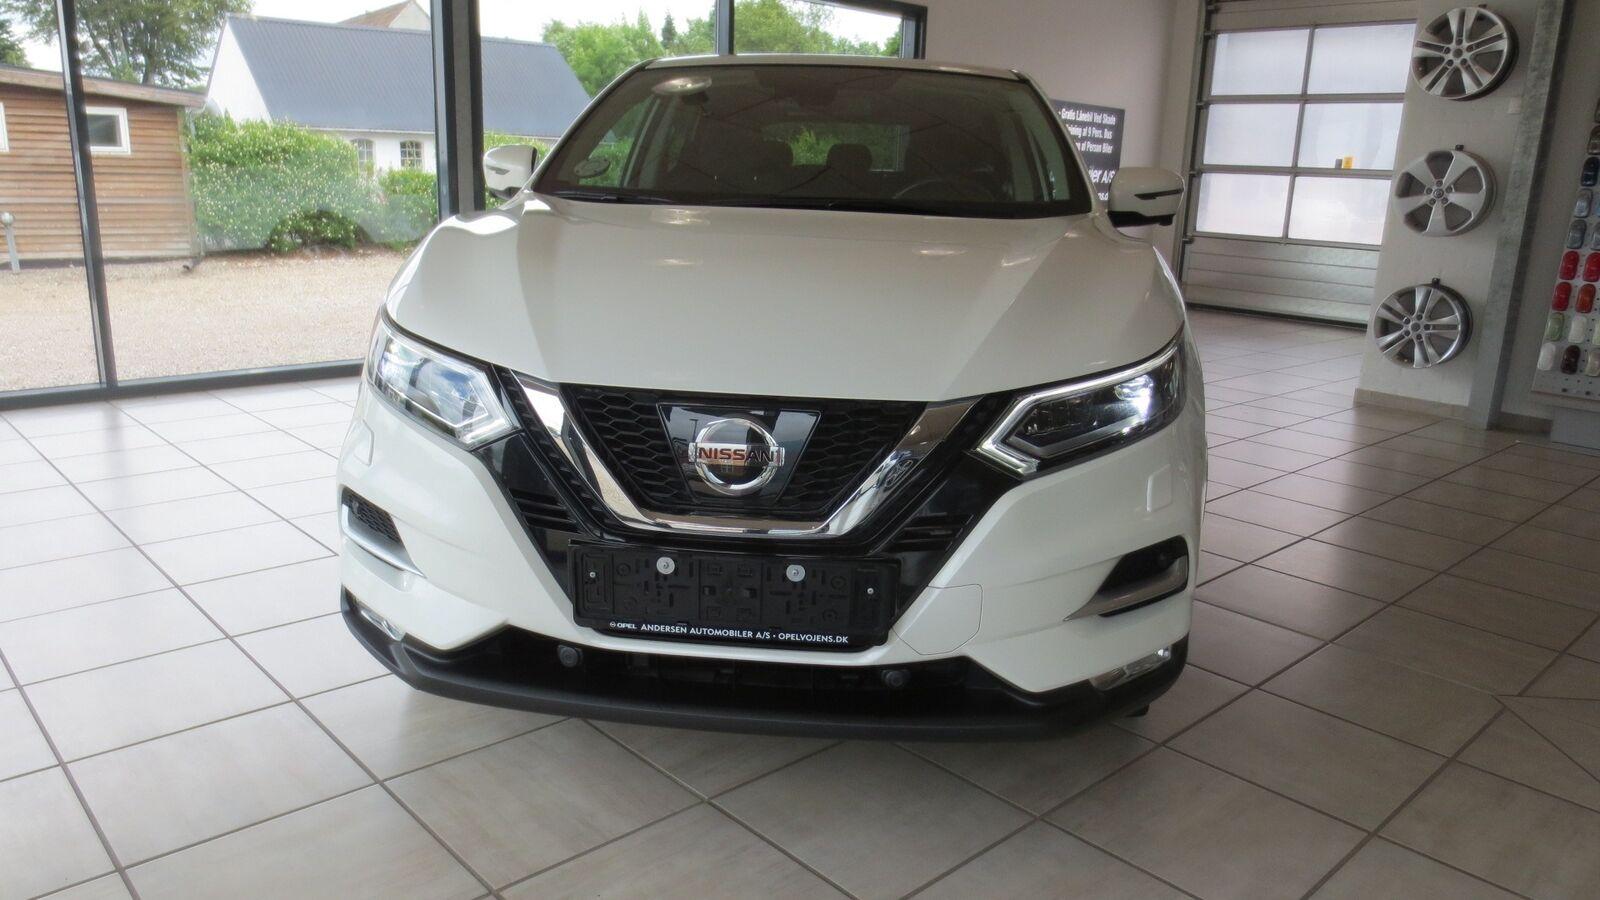 Nissan Qashqai 1,6 Dig-T 163 N-Connecta 5d - 214.900 kr.